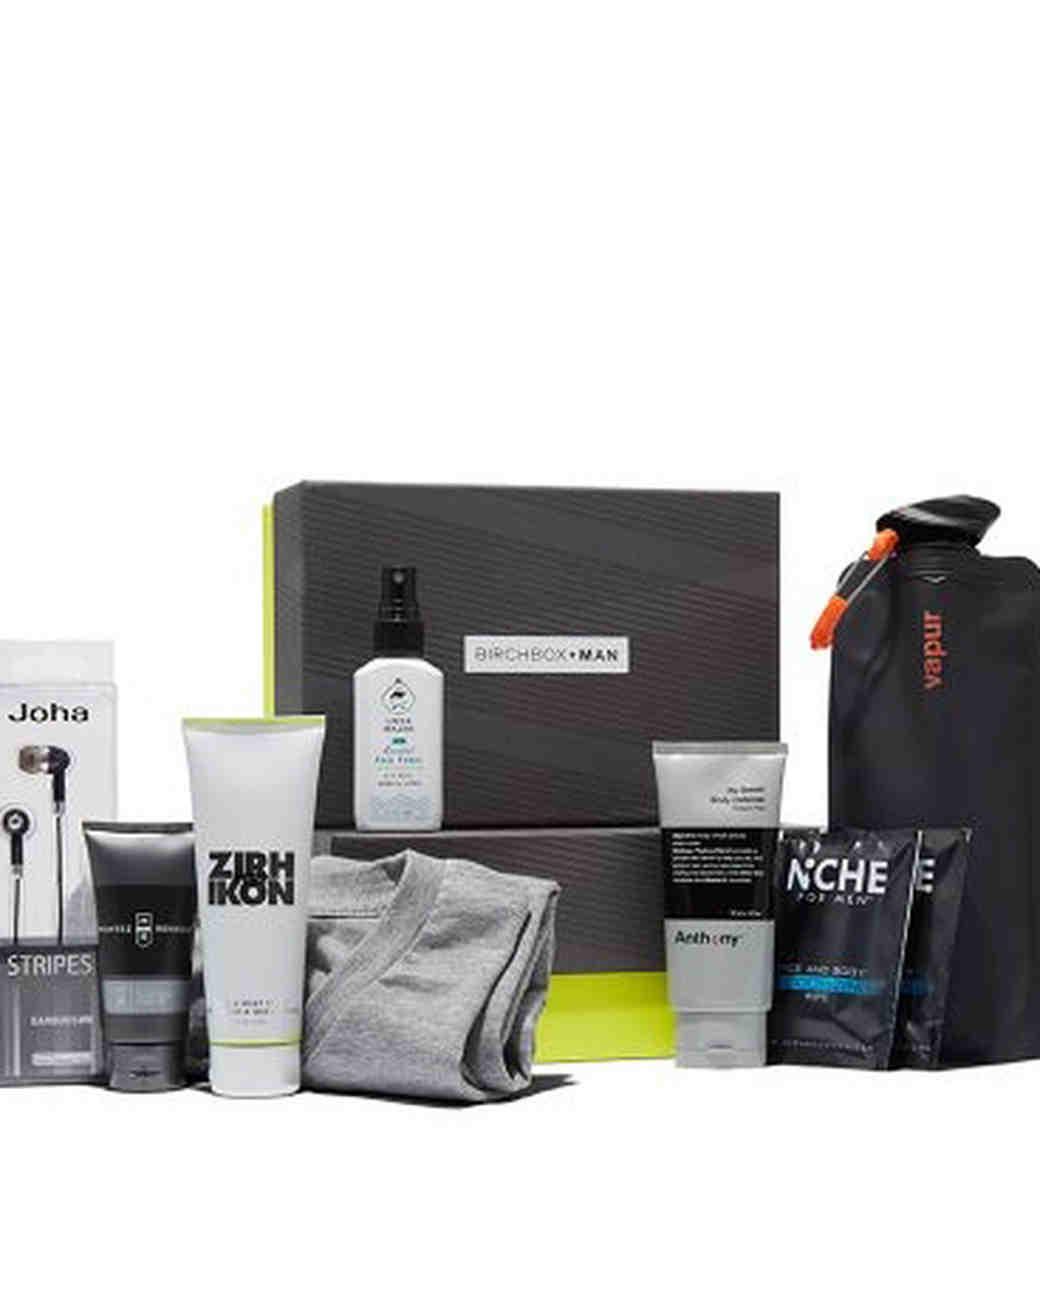 grooms-gift-birchbox-smart-workout-set-0616.jpg